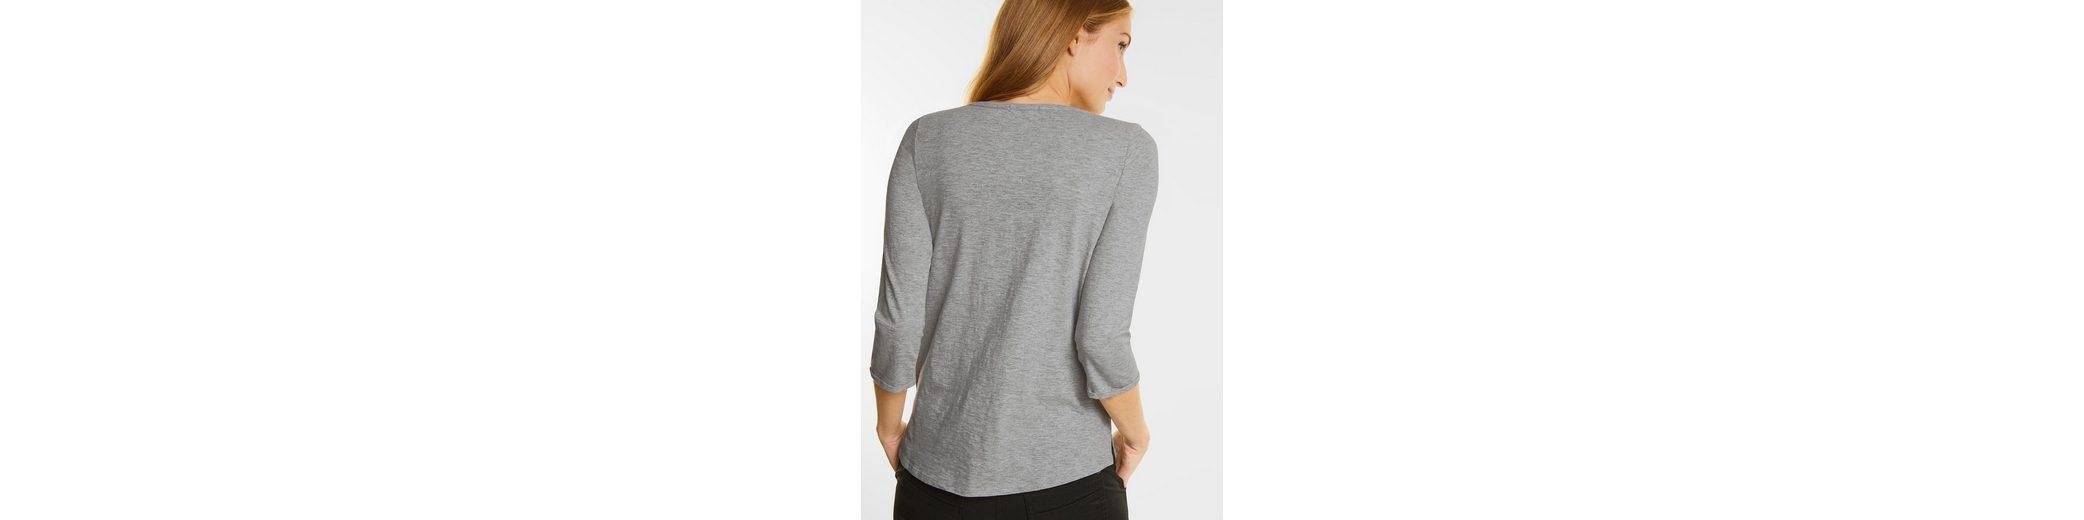 CECIL Melange Shirt mit Herzprint Verkauf Echt Spielraum Browse Q6LoxB